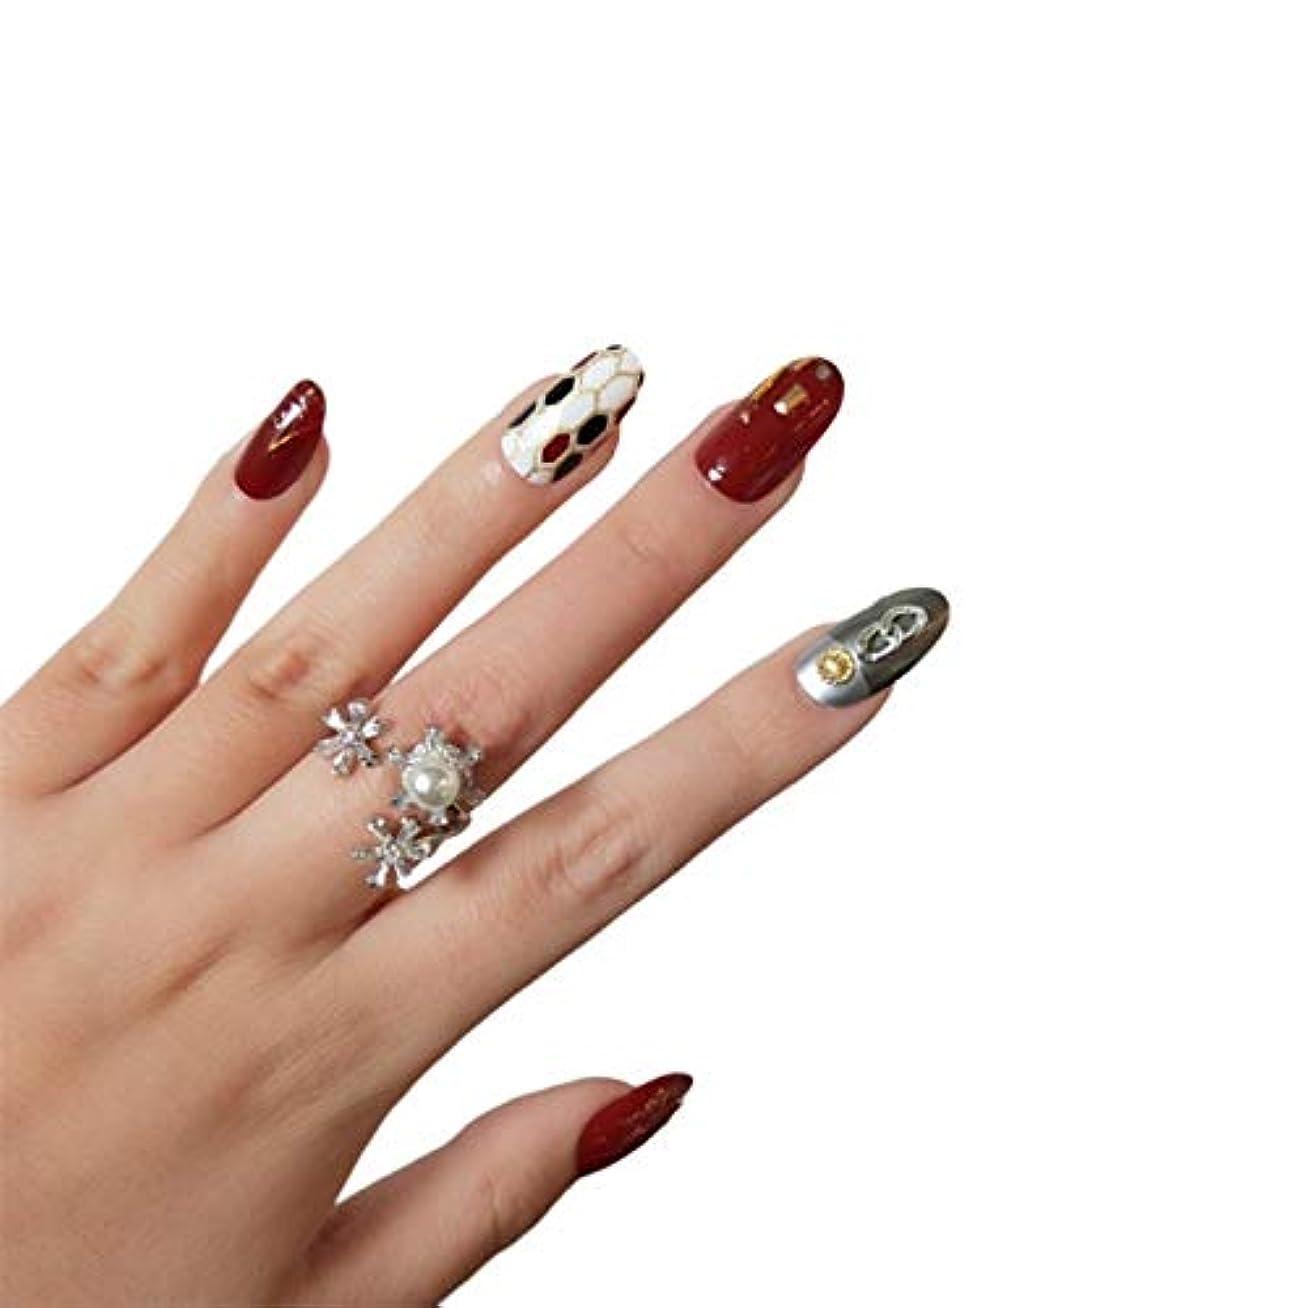 ビュッフェシャックル令状NANNAN ネイルチップ ネイルチップ つけ爪 付け爪 つけ方簡単 ネイル デコネイルコレクション シール ハロウィン 母の日 パーティ 人気 毎日変身 24枚セット